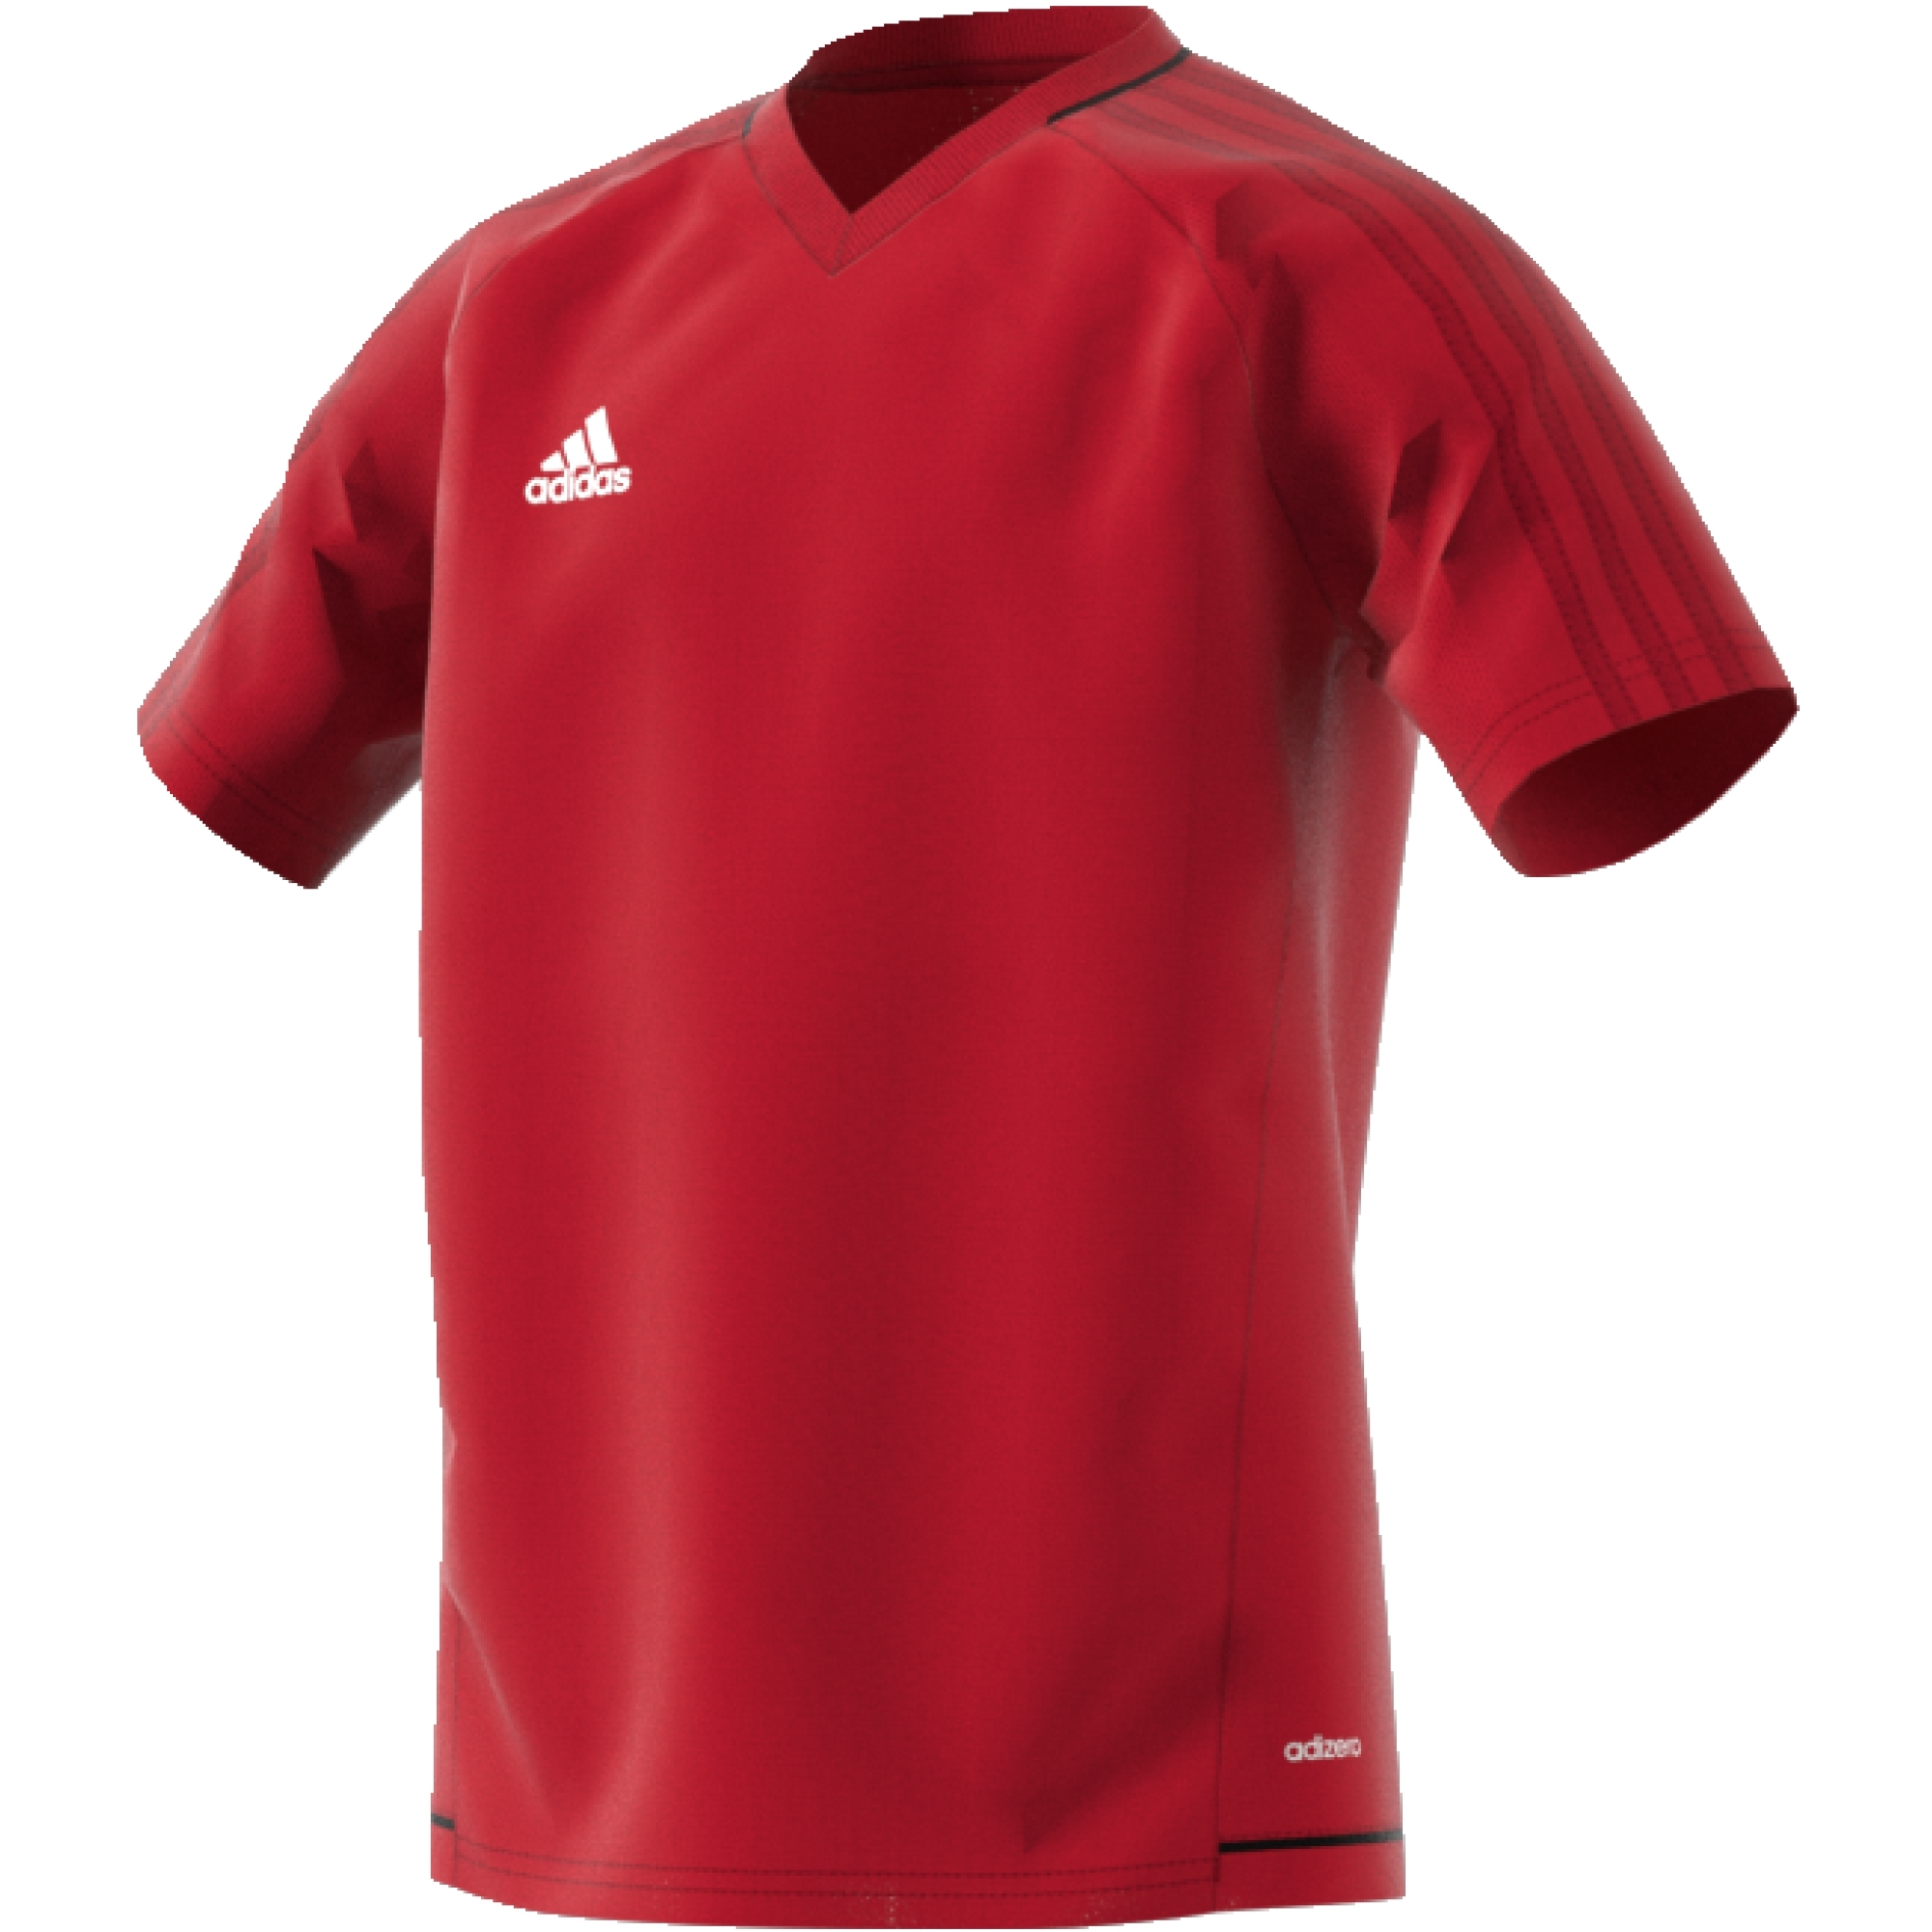 ADIDAS tréninkové triko Tiro 17 dětské